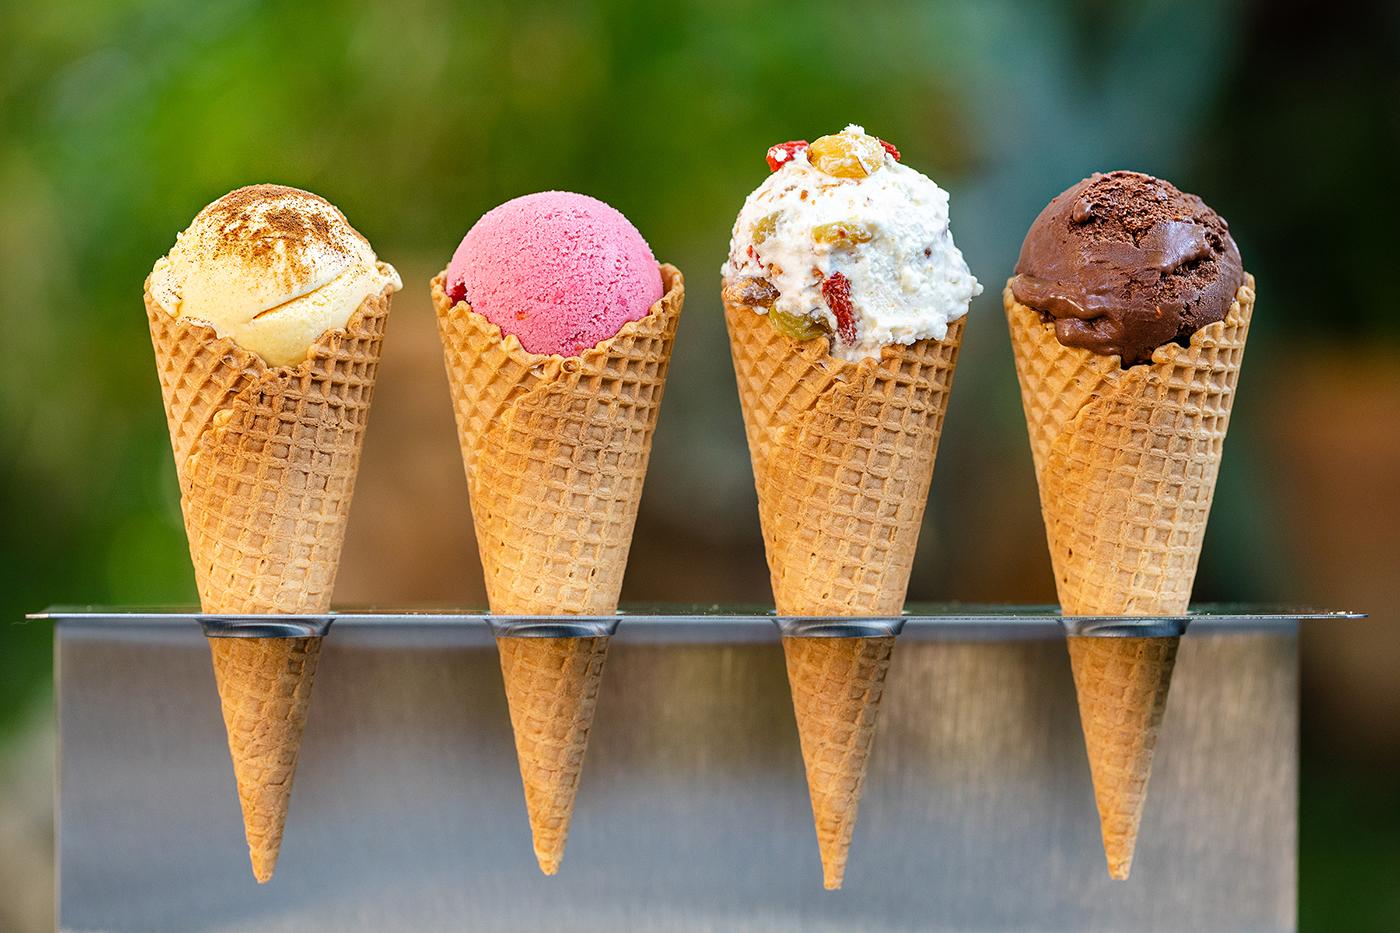 înghețată comună înghețată caldă prețul unguentului pentru durerile articulare